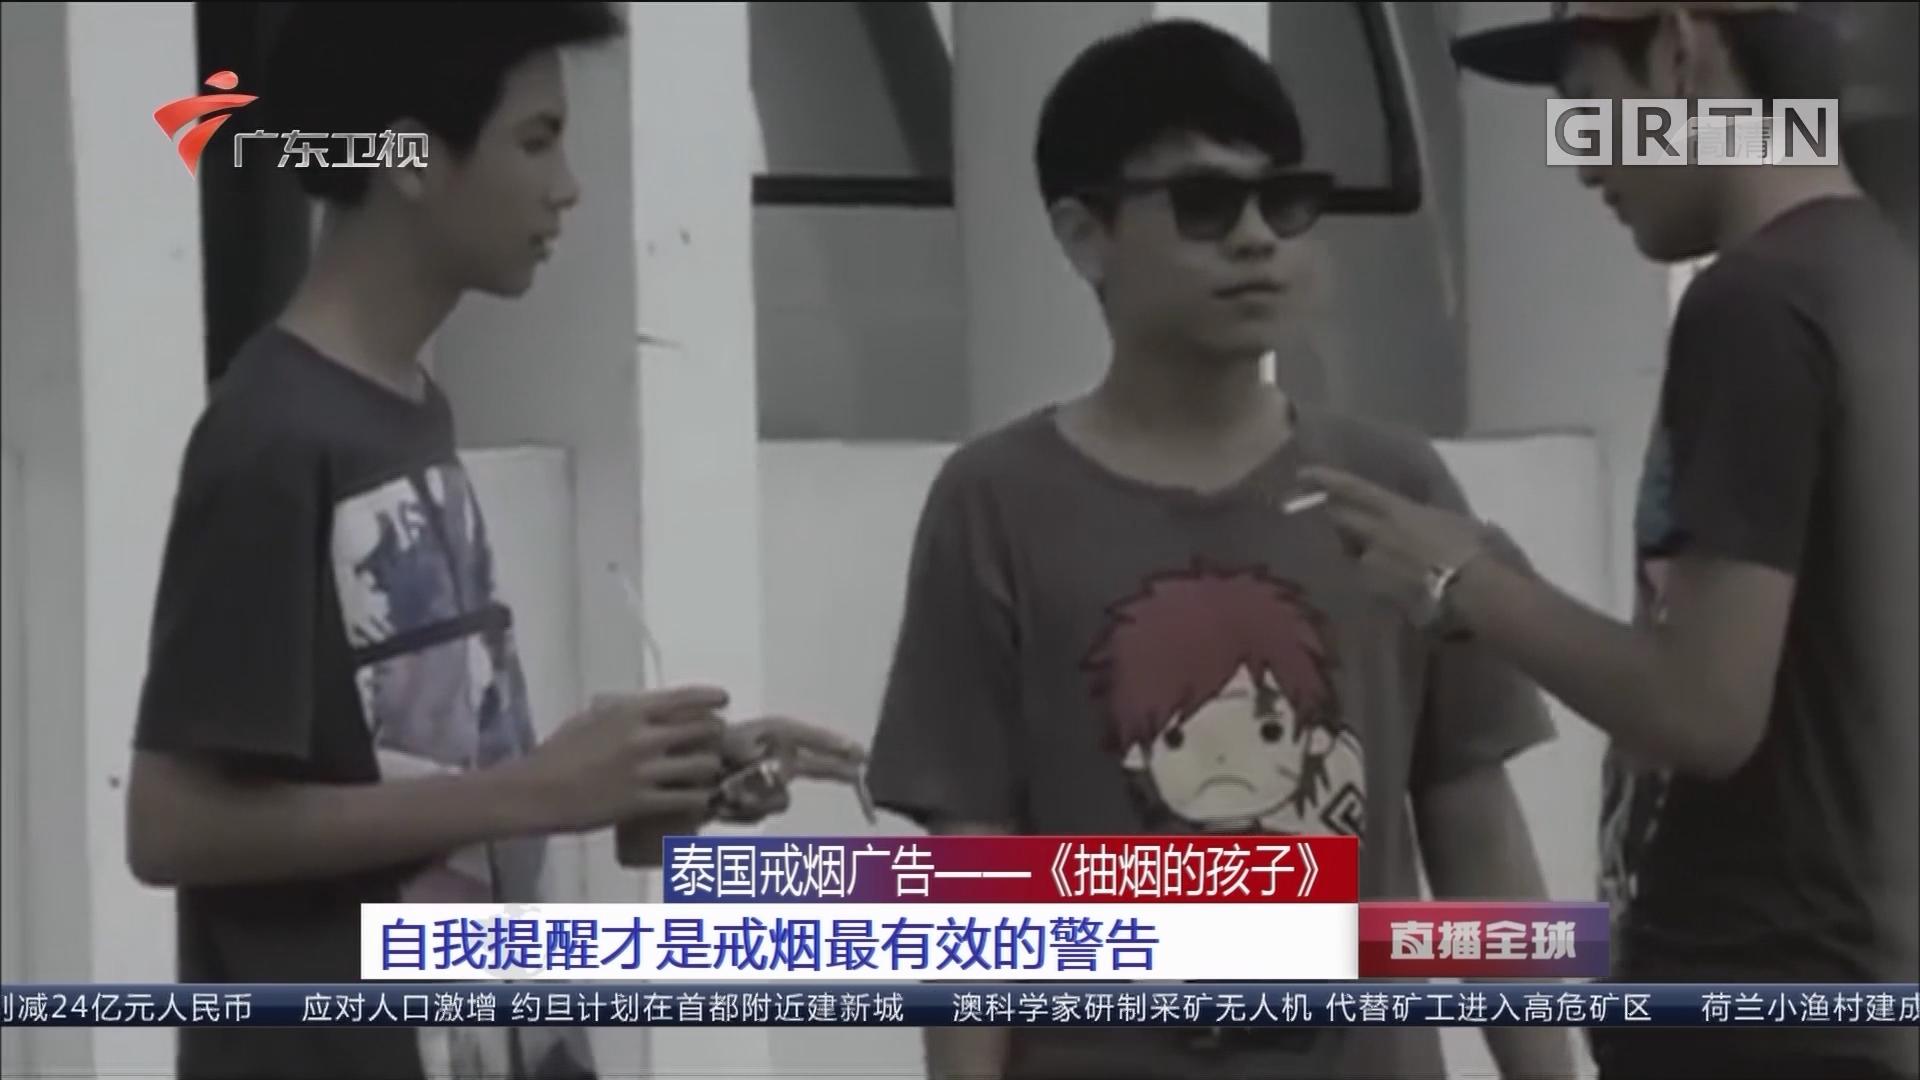 泰国戒烟广告—《抽烟的孩子》自我提醒才是戒烟最有效的警告